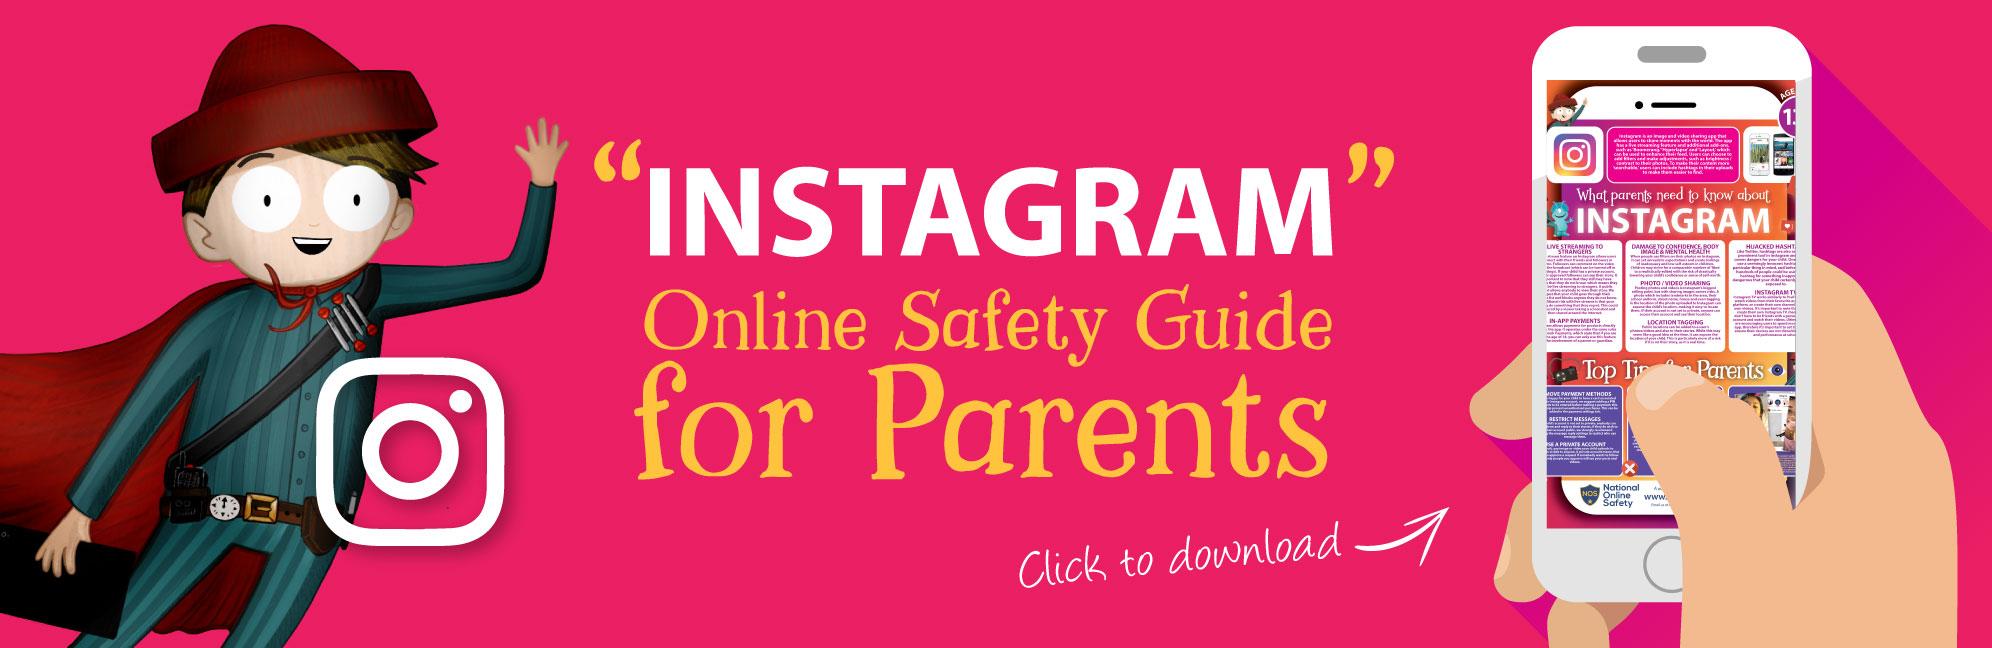 Instagram-Online-Safety-Parents-Guide-Web-Image-121118-V1